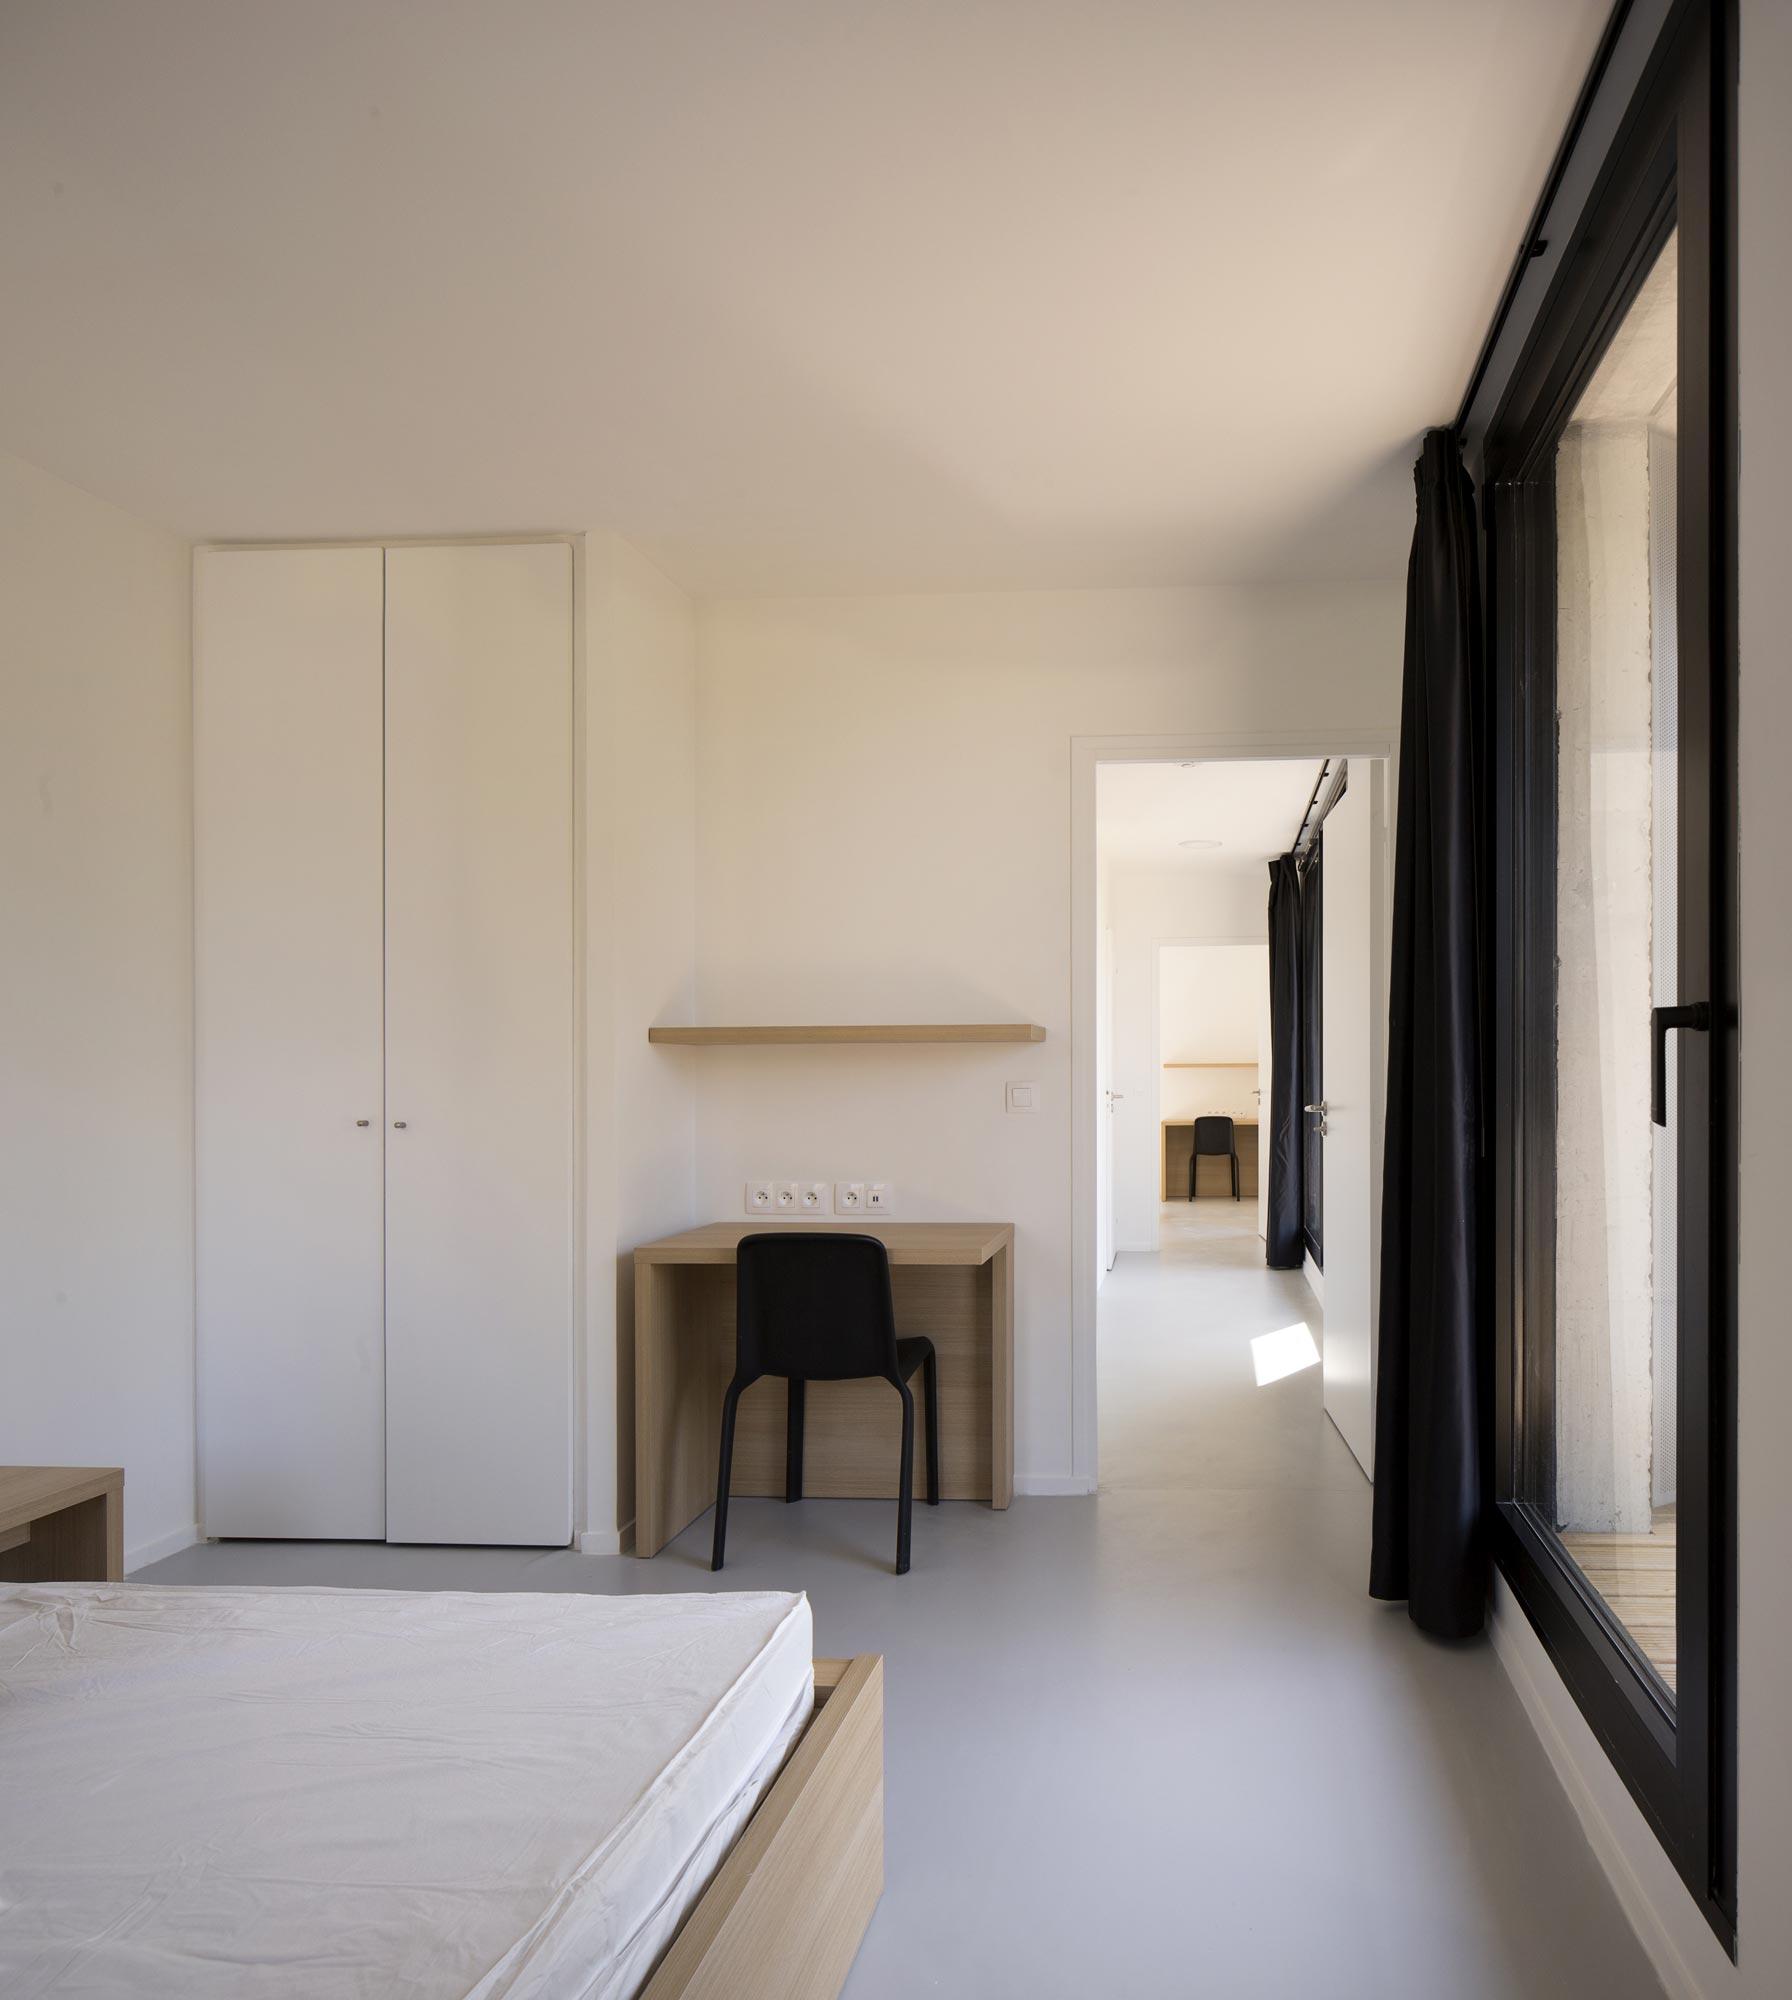 HEC STUDENT HOUSING, MARTIN DUPLANTIER ARCHITECTES © Clément Guillaume